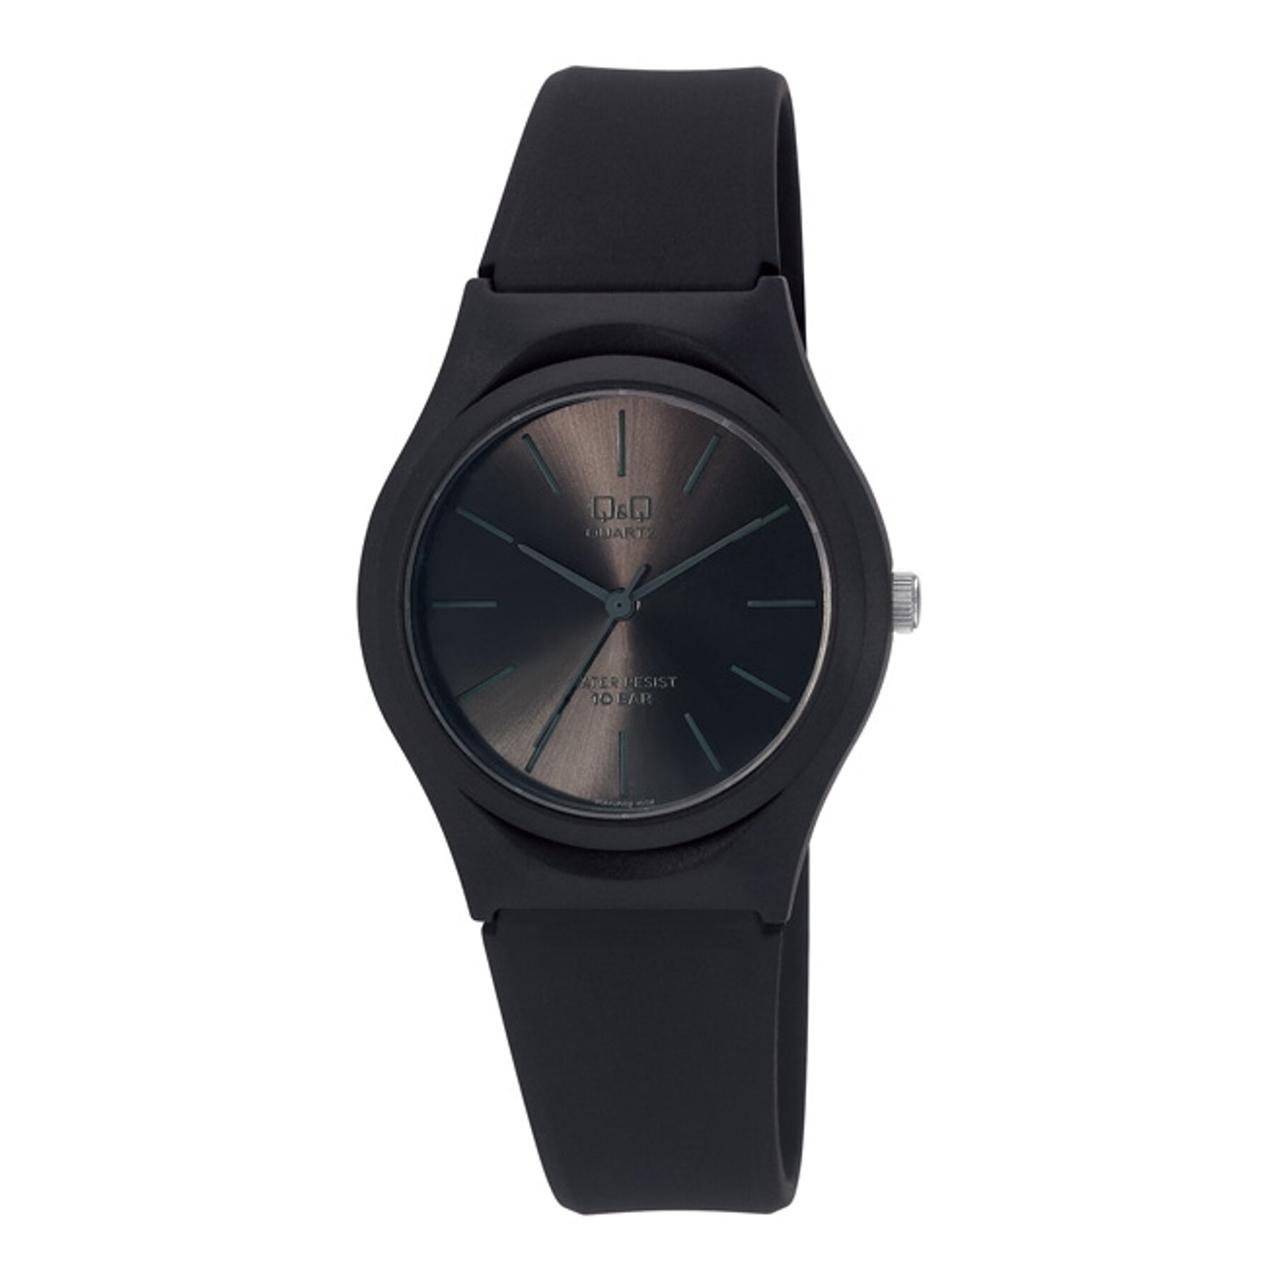 ساعت مچی عقربه ای زنانه کیو اند کیو مدل vq86j022y  به همراه دستمال مخصوص برند کلین واچ